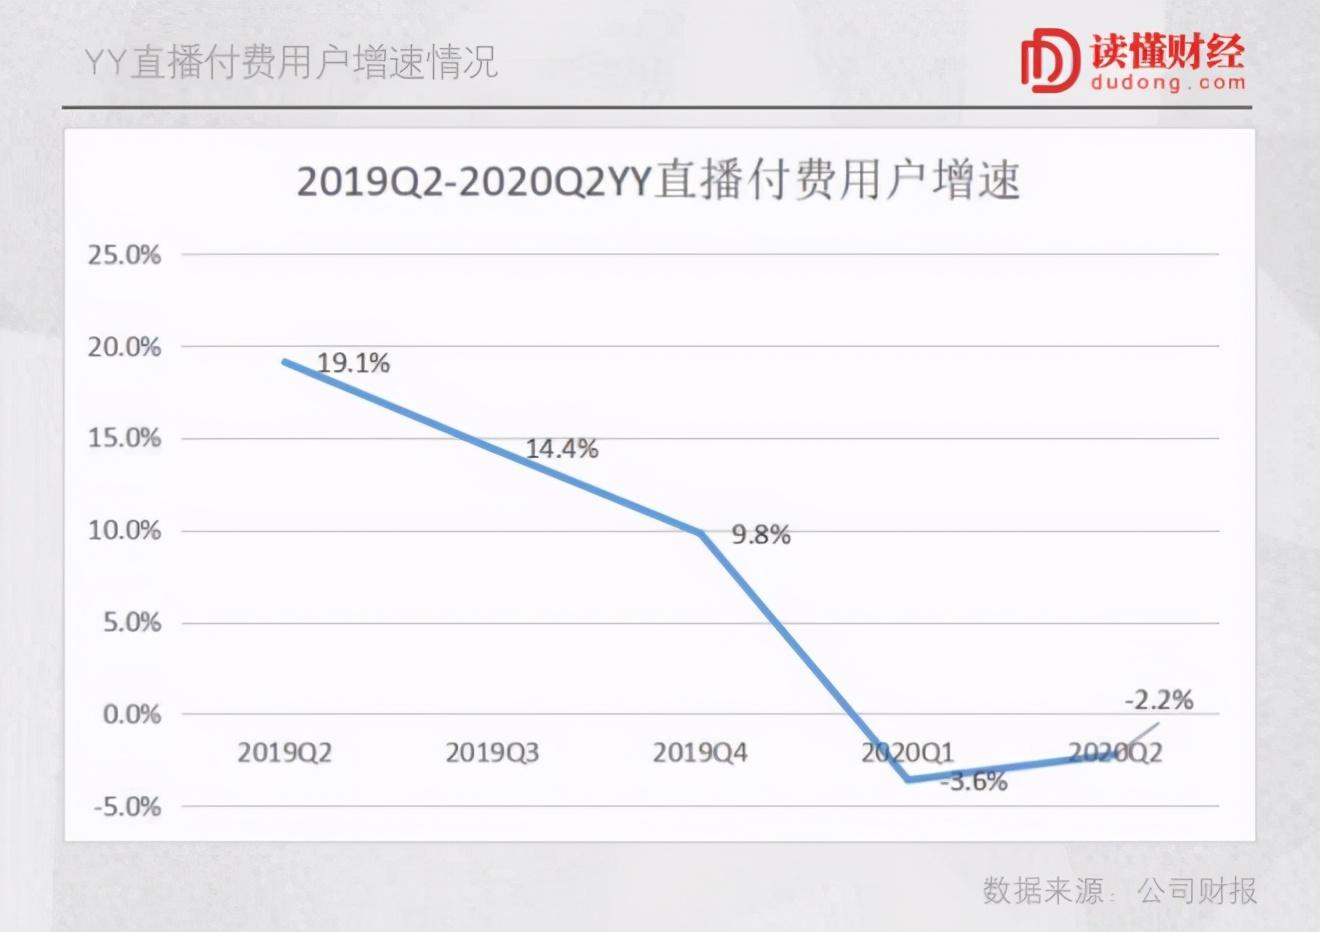 YY 36亿美元卖身百度,李学凌的战略大转移